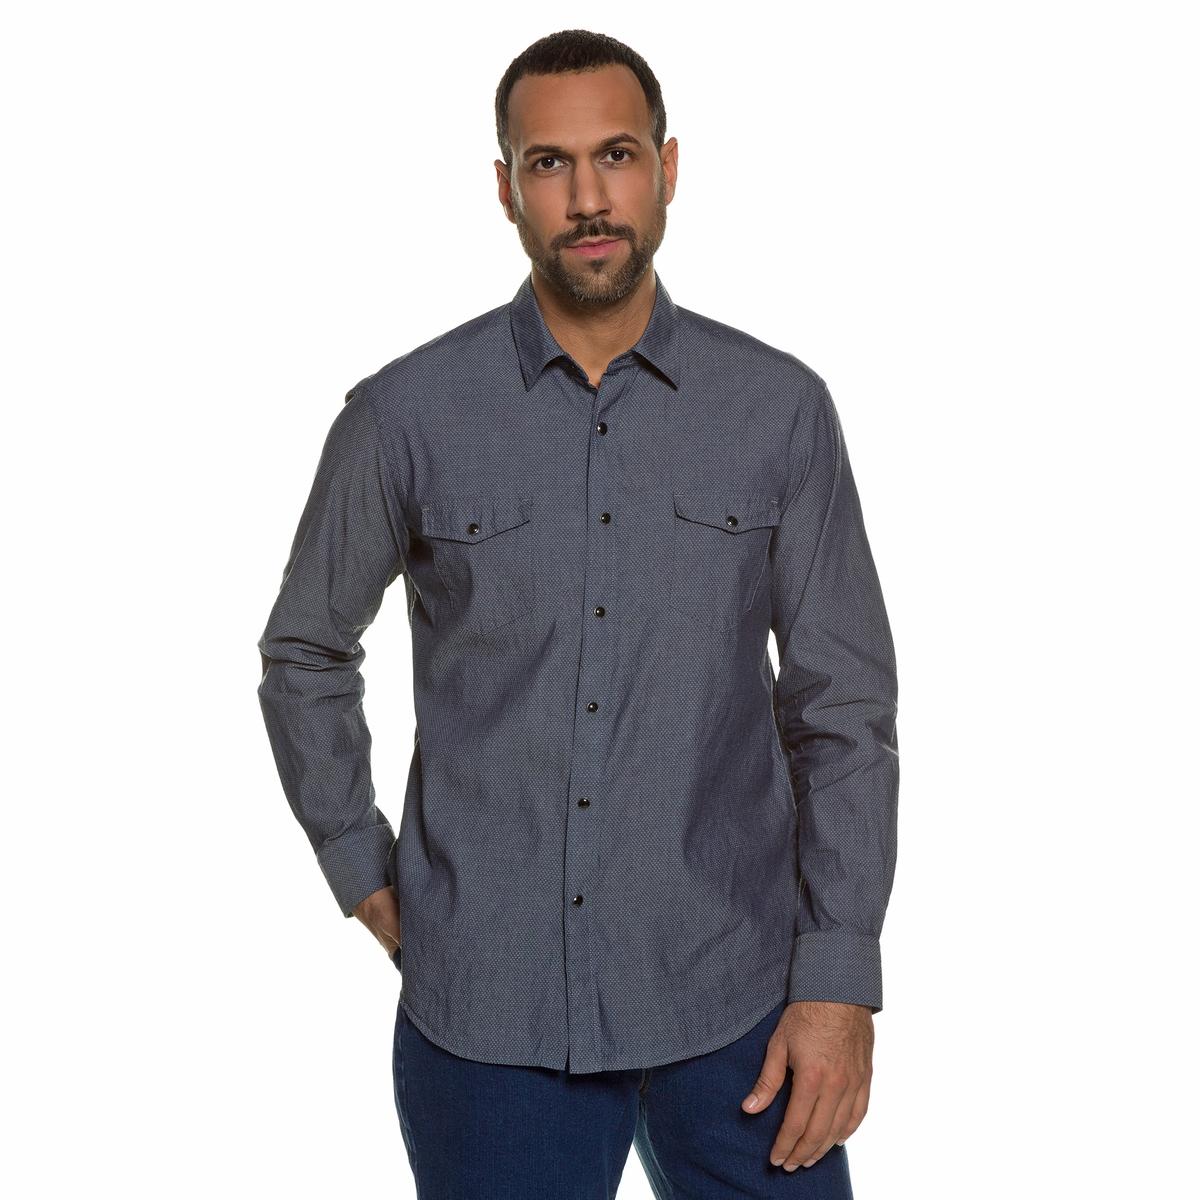 РубашкаРубашка с длинными рукавами JP1880. 100% хлопок.Рубашка мужского покроя с мелким узором. Воротник-Кент и 2 нагрудных кармана. Слегка приталенный покрой позволяет носить рубашку также поверх брюк на свободный манер. Длина в зависимости от размера ок. 78-94 см<br><br>Цвет: черный<br>Размер: 3XL